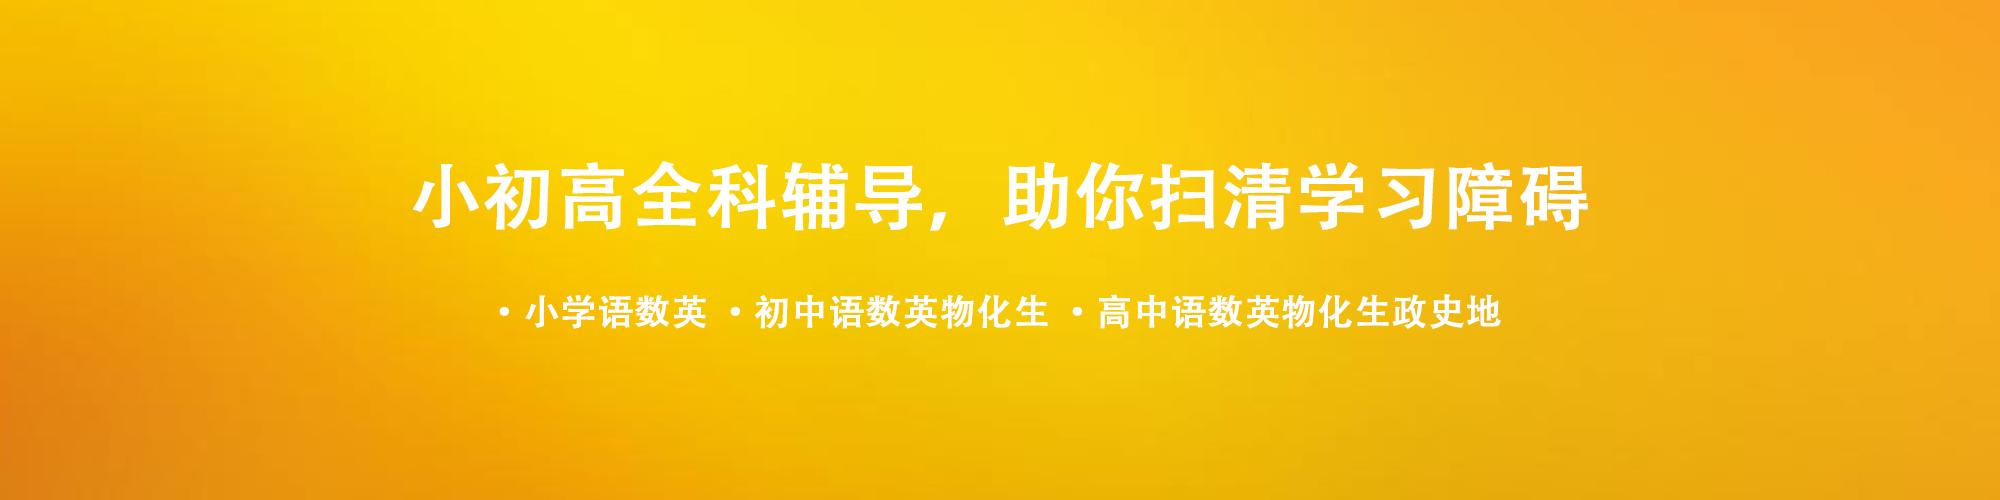 四六级英语寒假班_大学四六级英语相关-北京拓程教育咨询有限公司